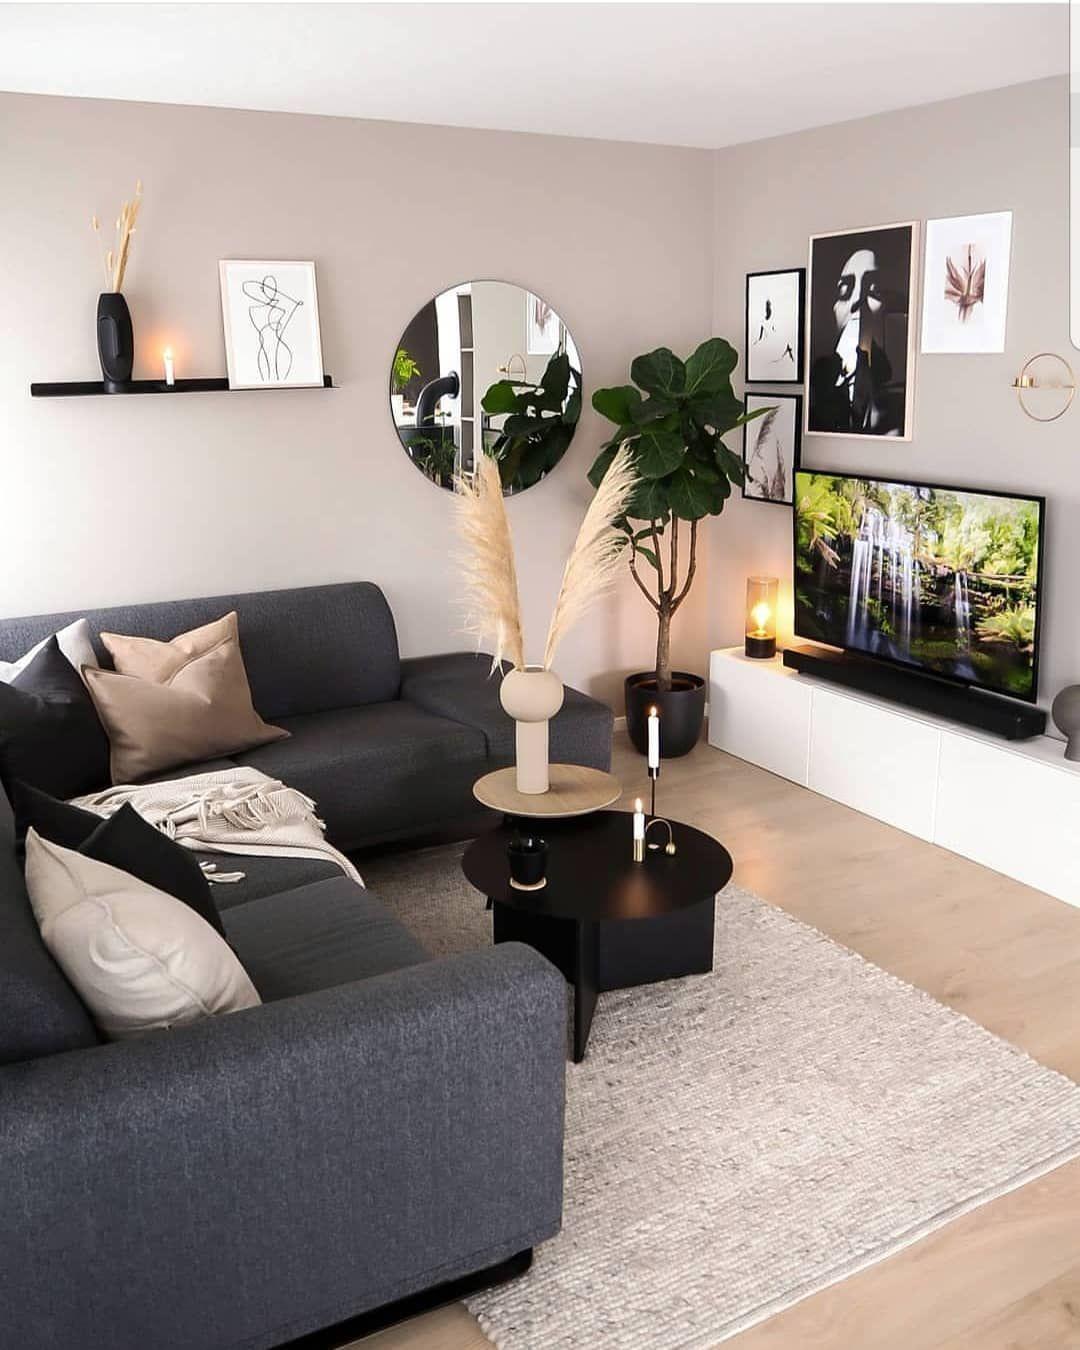 Inspire Me Home Decor Instagram Home Inspiration Inspiration Instagram Home Idee Arredamento Soggiorno Arredamento Salotto Idee Arredamento Salotto Design